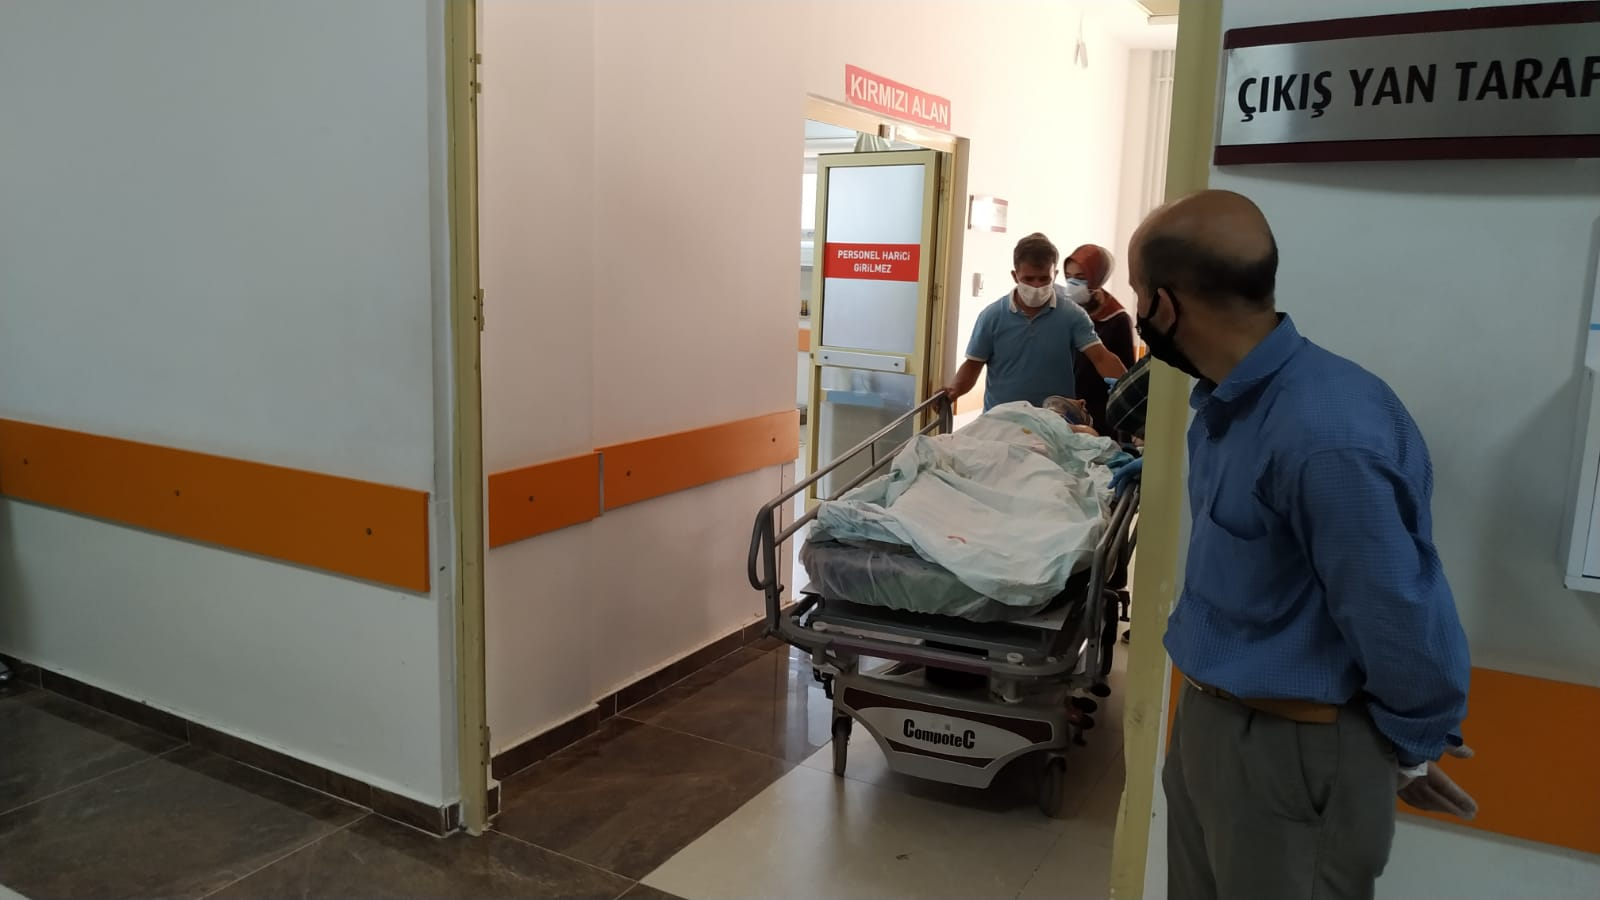 Yüksek gerilim hattına temas eden genç ağır yaralandı